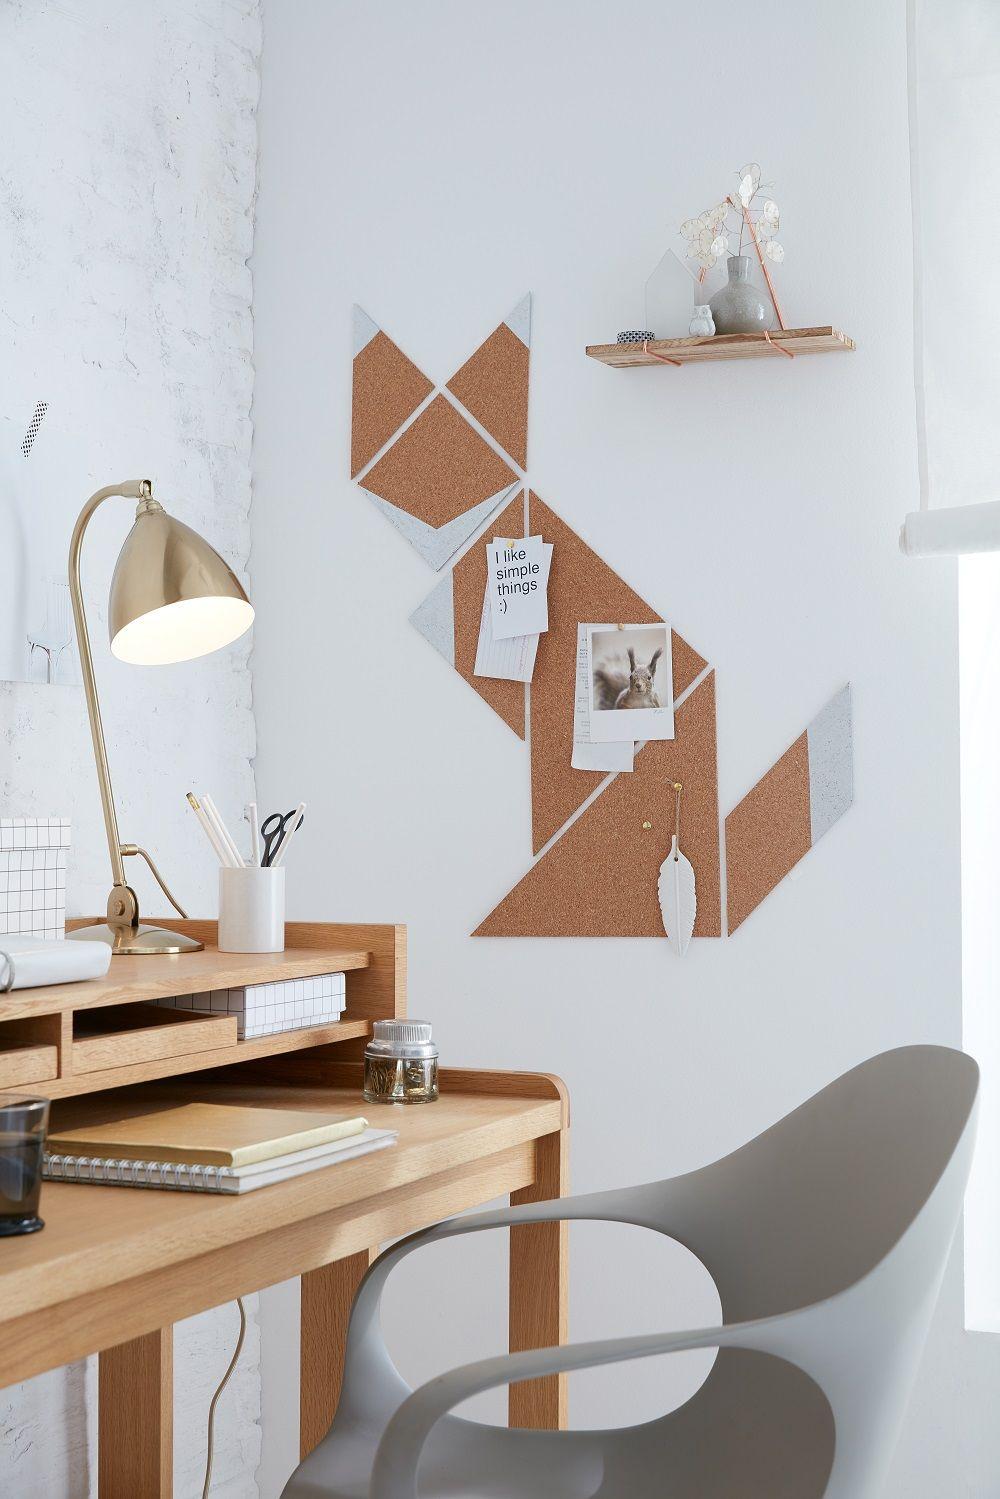 vorlage f r fuchs pinnwand schlauk pfe pinnen alles was sie sich merken m ssen an diese. Black Bedroom Furniture Sets. Home Design Ideas